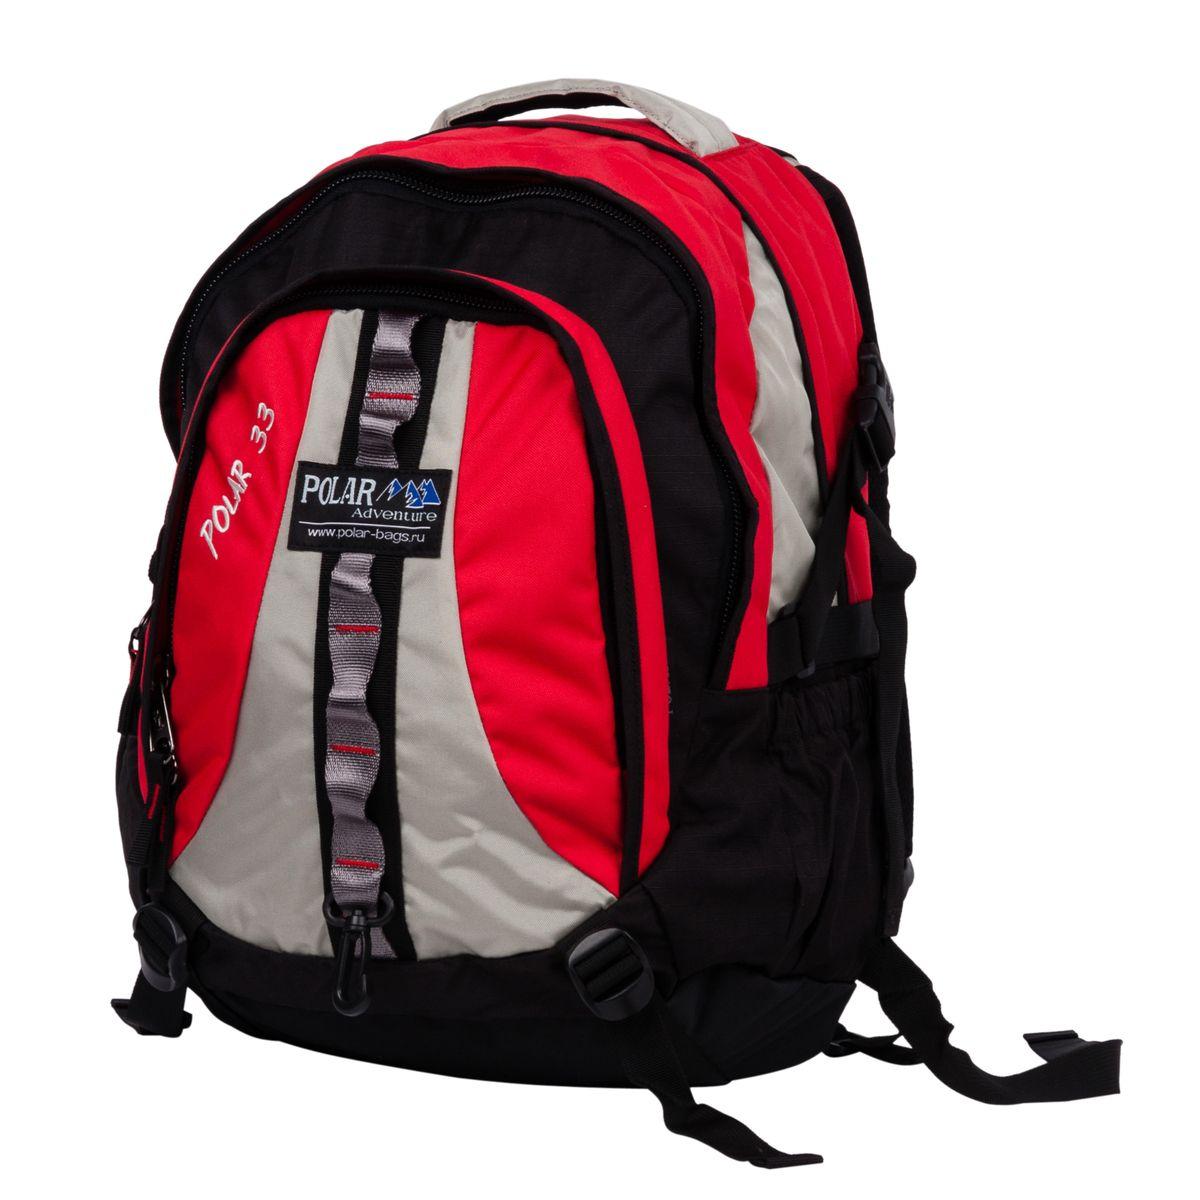 Рюкзак городской Polar, 27 л, цвет: красный. П1002-01BP-001 BKНебольшой, вместительный рюкзак фирмы Polar. Полностью вентилируемая спинка с системой Aircomfort, мягкие плечевые лямки создают дополнительный комфорт при ношении. Центральный отсек для персональных вещей и внутренним карманом для папки А4. Маленький карман для mp3, CD плеера. Выход под наушники. Большой передний карман с органайзером. Так же есть грудные стяжки, фиксирующие его удобное положение. Боковой карман из трикотажной сетки для бутылки с водой. Дождевик специальной формы на рюкзак, защищает его от намокания в дождливую погоду.